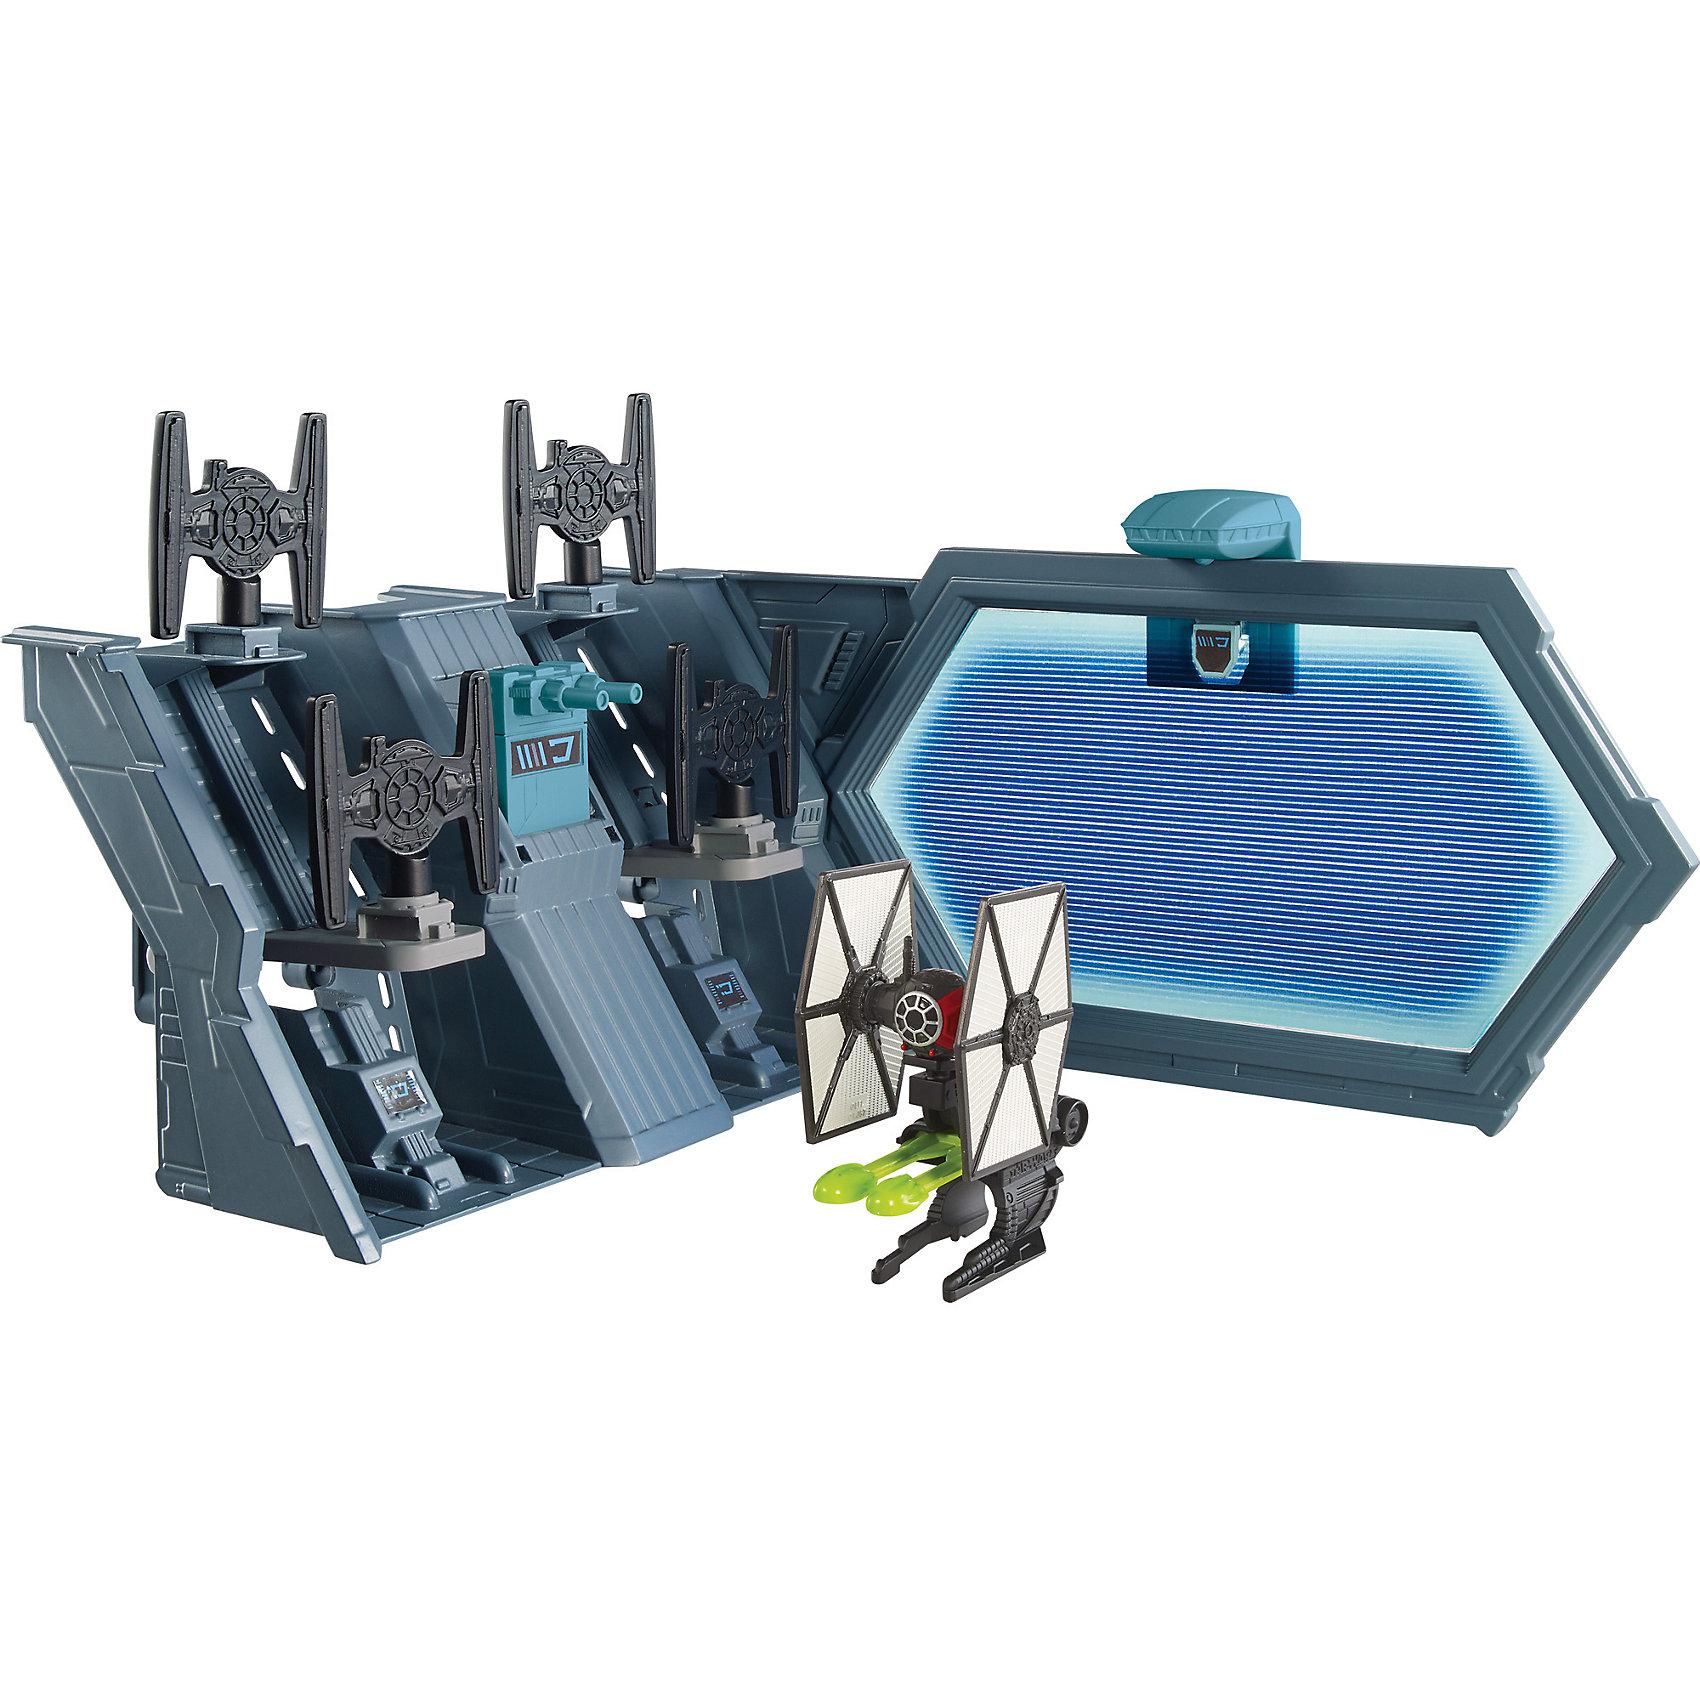 Игровой набор Звездные войны, Hot WheelsЗвездные войны<br>Отличный подарок любителю космической эпопеи - игровой набор Звездные войны, Hot Wheels. В комплект входит игровая площадка, звездолет Hot Wheels, фигурки и различные игровые аксессуары. Этот набор совместим с  другими наборами серии Star Wars Hot Wheels.<br>Игрушка имеет такой размер, при котором ребенку удобно держать её в руках, а также брать с собой в гости или на прогулку. Такие игрушки помогают развить мелкую моторику, логическое мышление и воображение ребенка. Эта игрушка выполнена из высококачественного прочного пластика, безопасного для детей.<br>  <br>Дополнительная информация:<br><br>цвет: разноцветный;<br>материал: пластик;<br>размер упаковки: 25,5 x 25.5 x 7 см;<br>вес: 474 г.<br><br>Игровой набор Звездные войны, Hot Wheels от компании Mattel можно купить в нашем магазине.<br><br>Ширина мм: 255<br>Глубина мм: 255<br>Высота мм: 70<br>Вес г: 475<br>Возраст от месяцев: 48<br>Возраст до месяцев: 144<br>Пол: Мужской<br>Возраст: Детский<br>SKU: 4791172